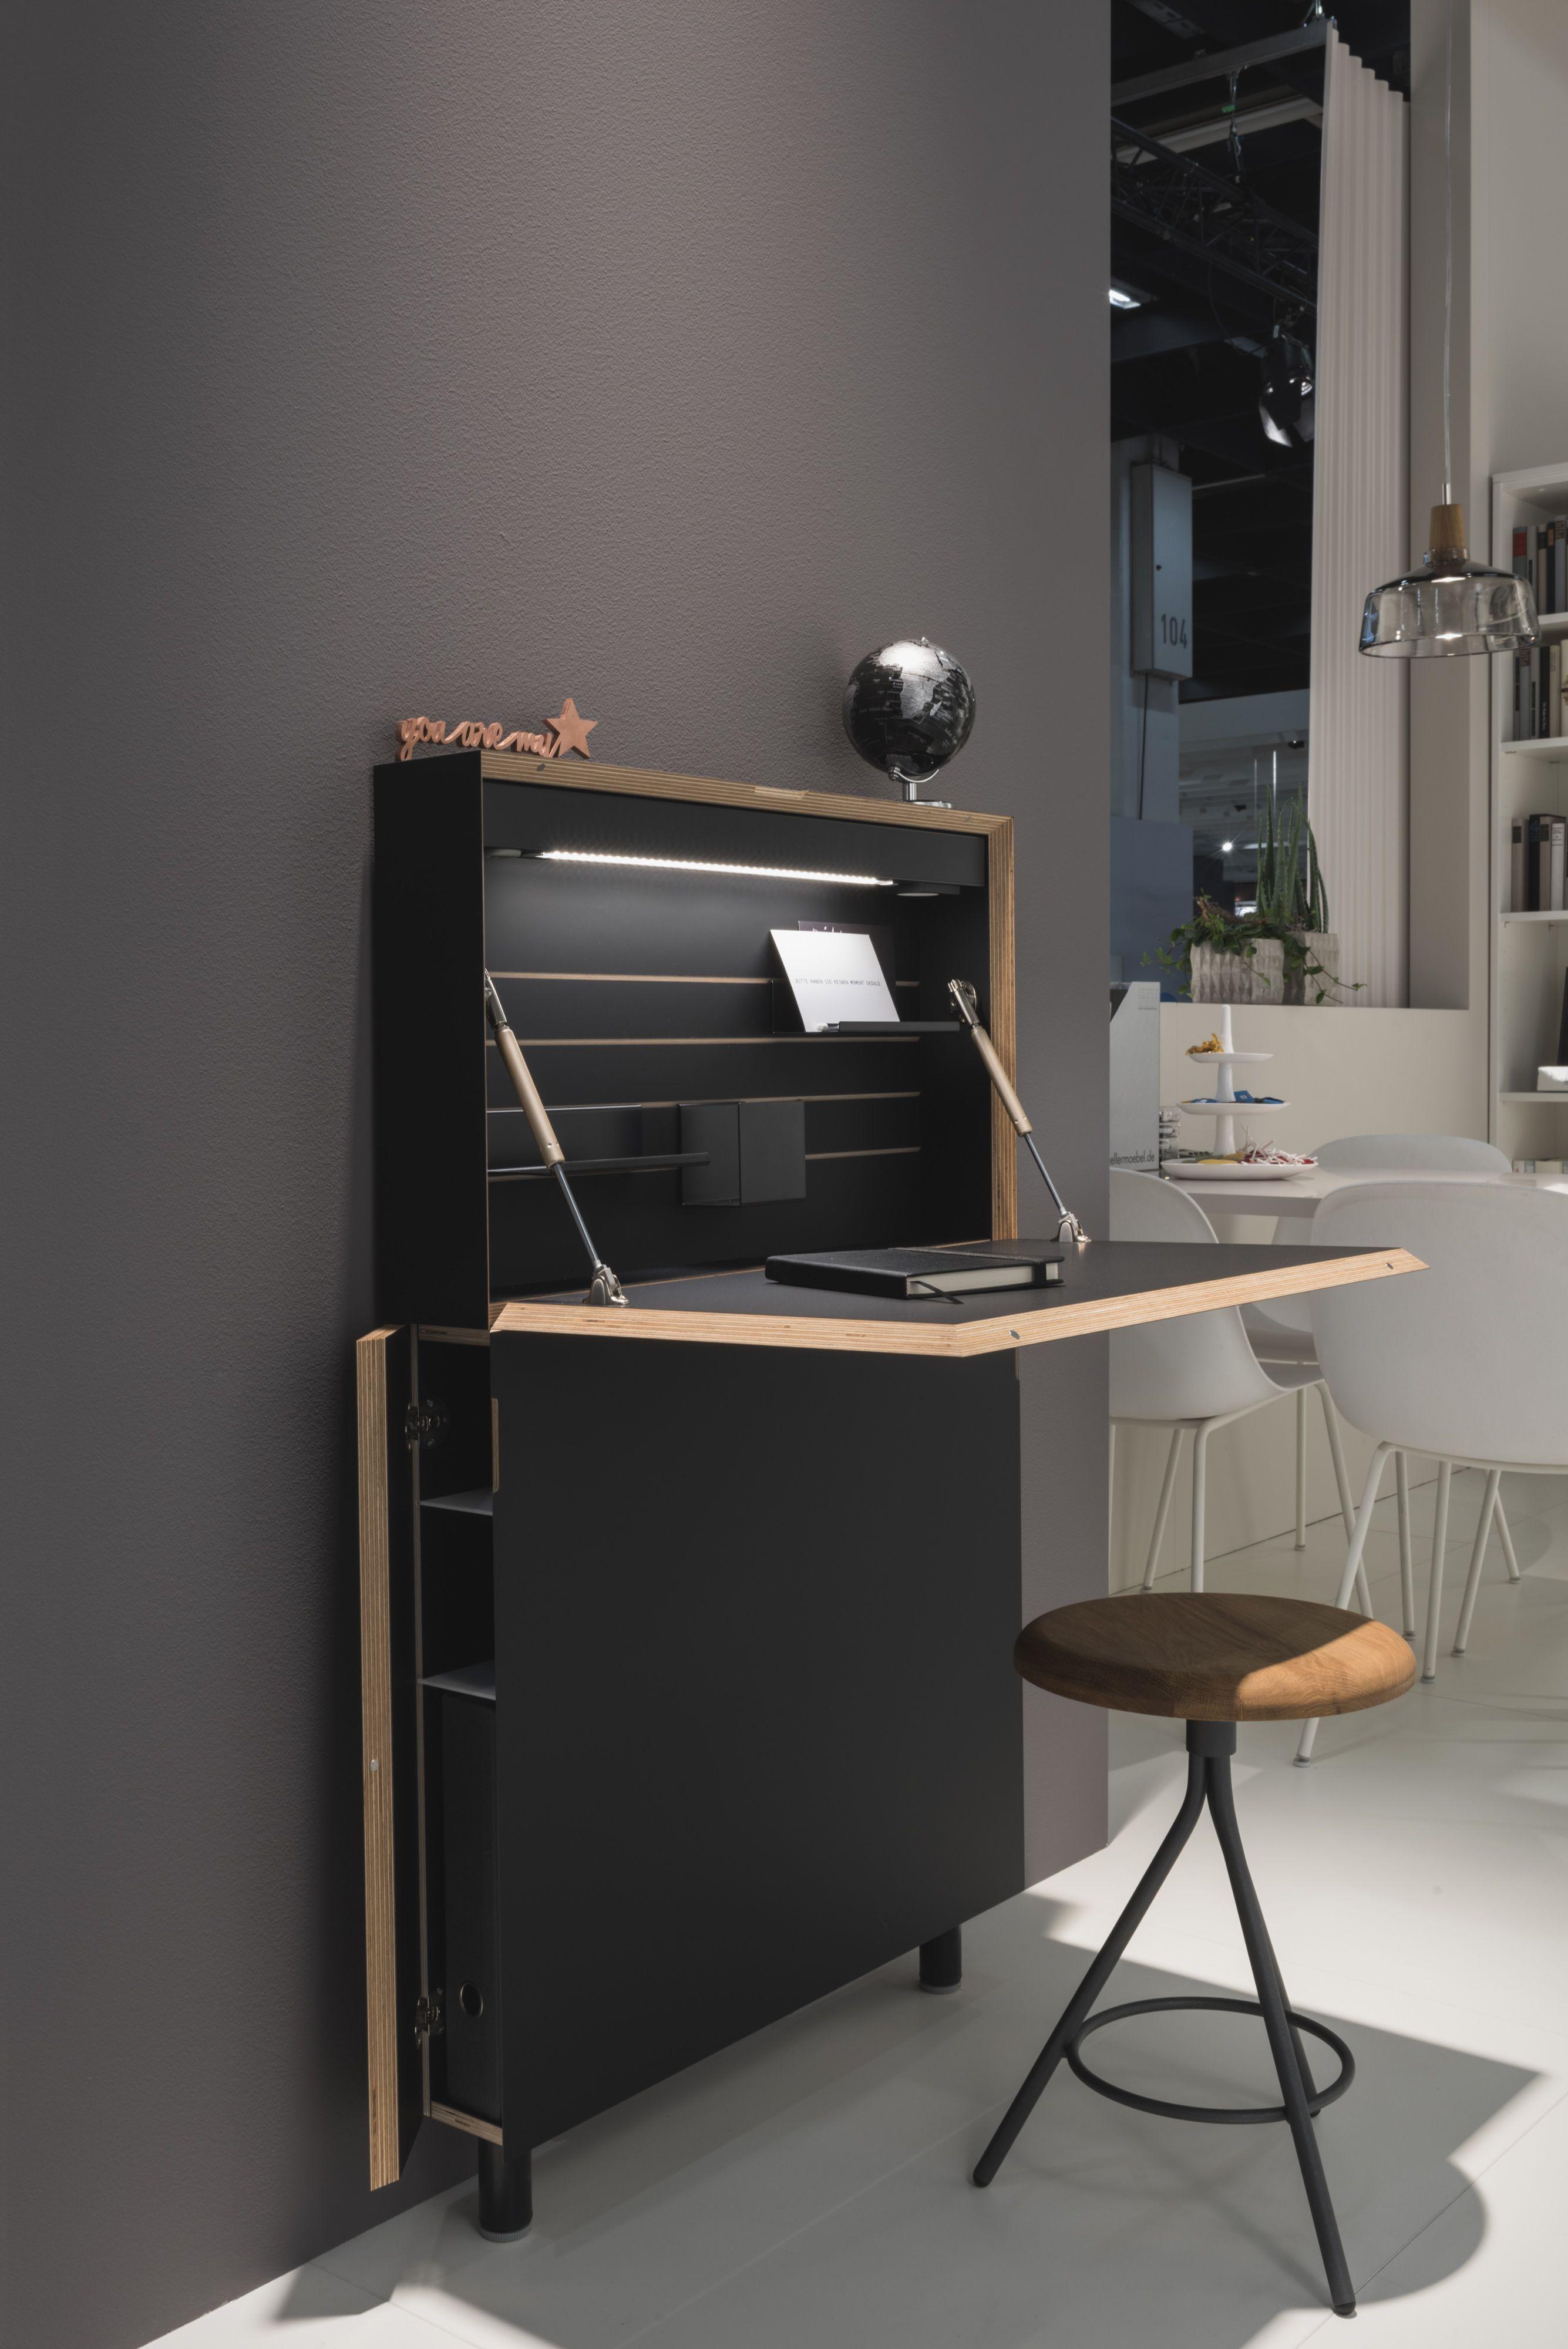 Flatmate Wall Desk In 2020 Wall Desk Desk In Living Room